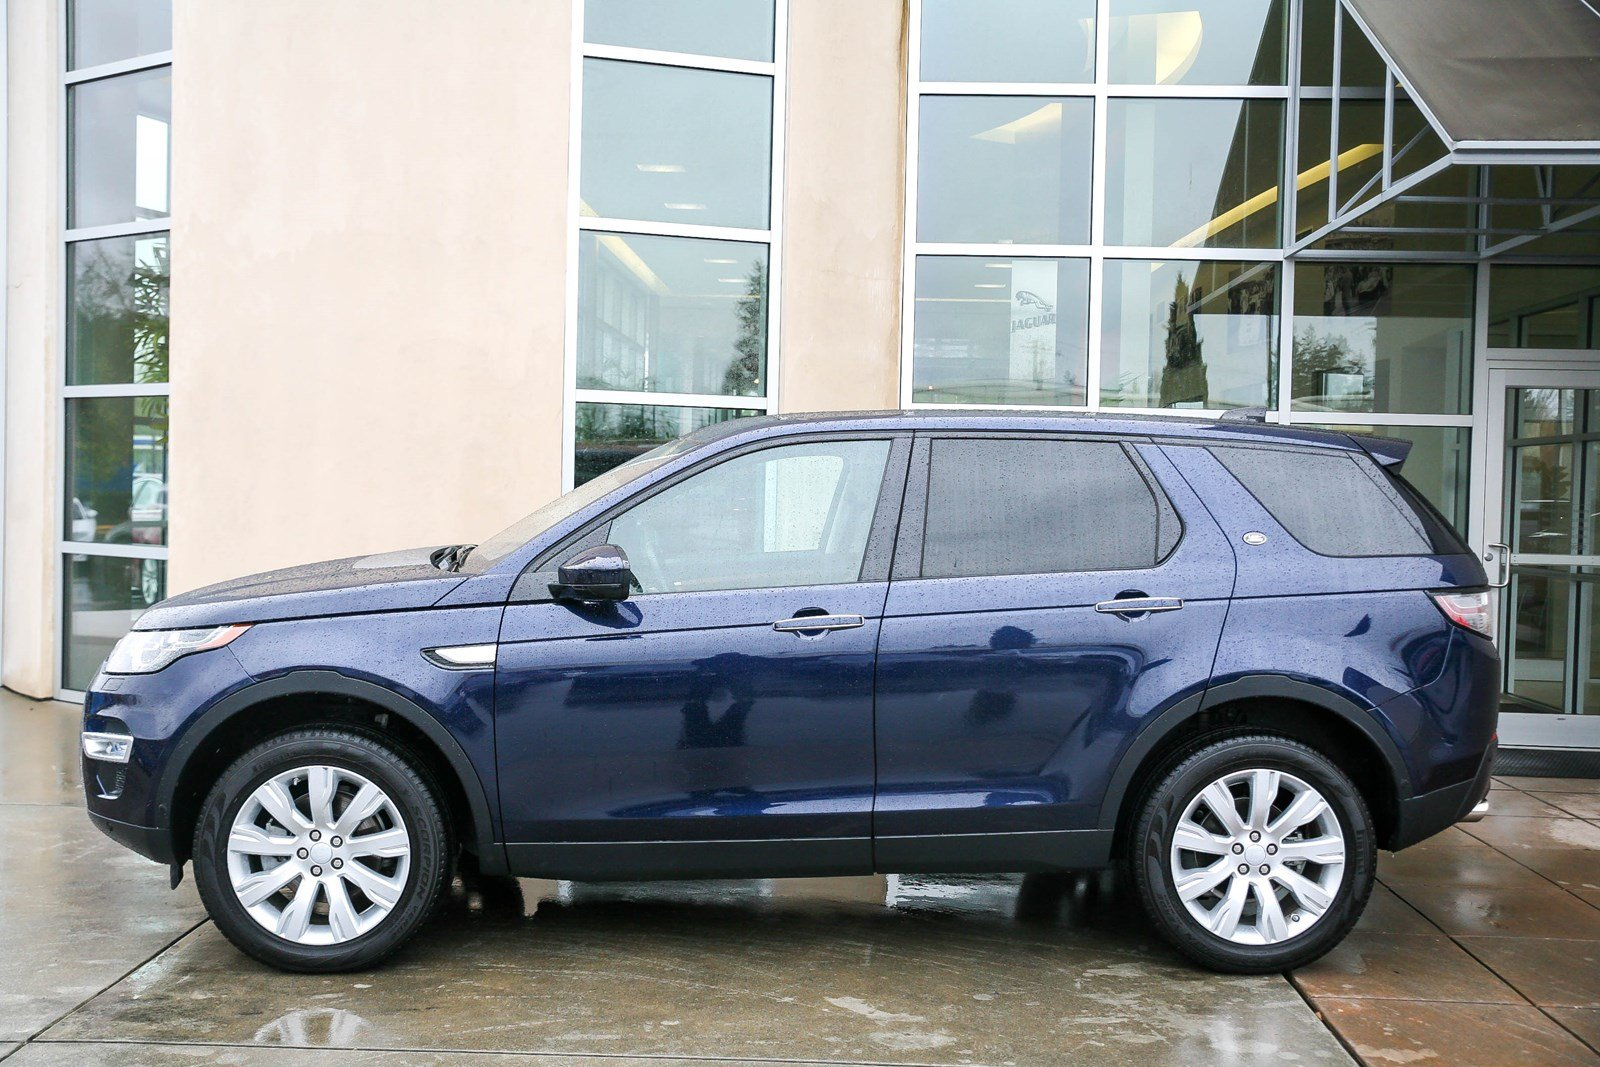 Giá Xe SUV Land Rover Range Rover 5 và 7 Chỗ Mới Nhất Tại Việt Nam 2019, range rover hse,